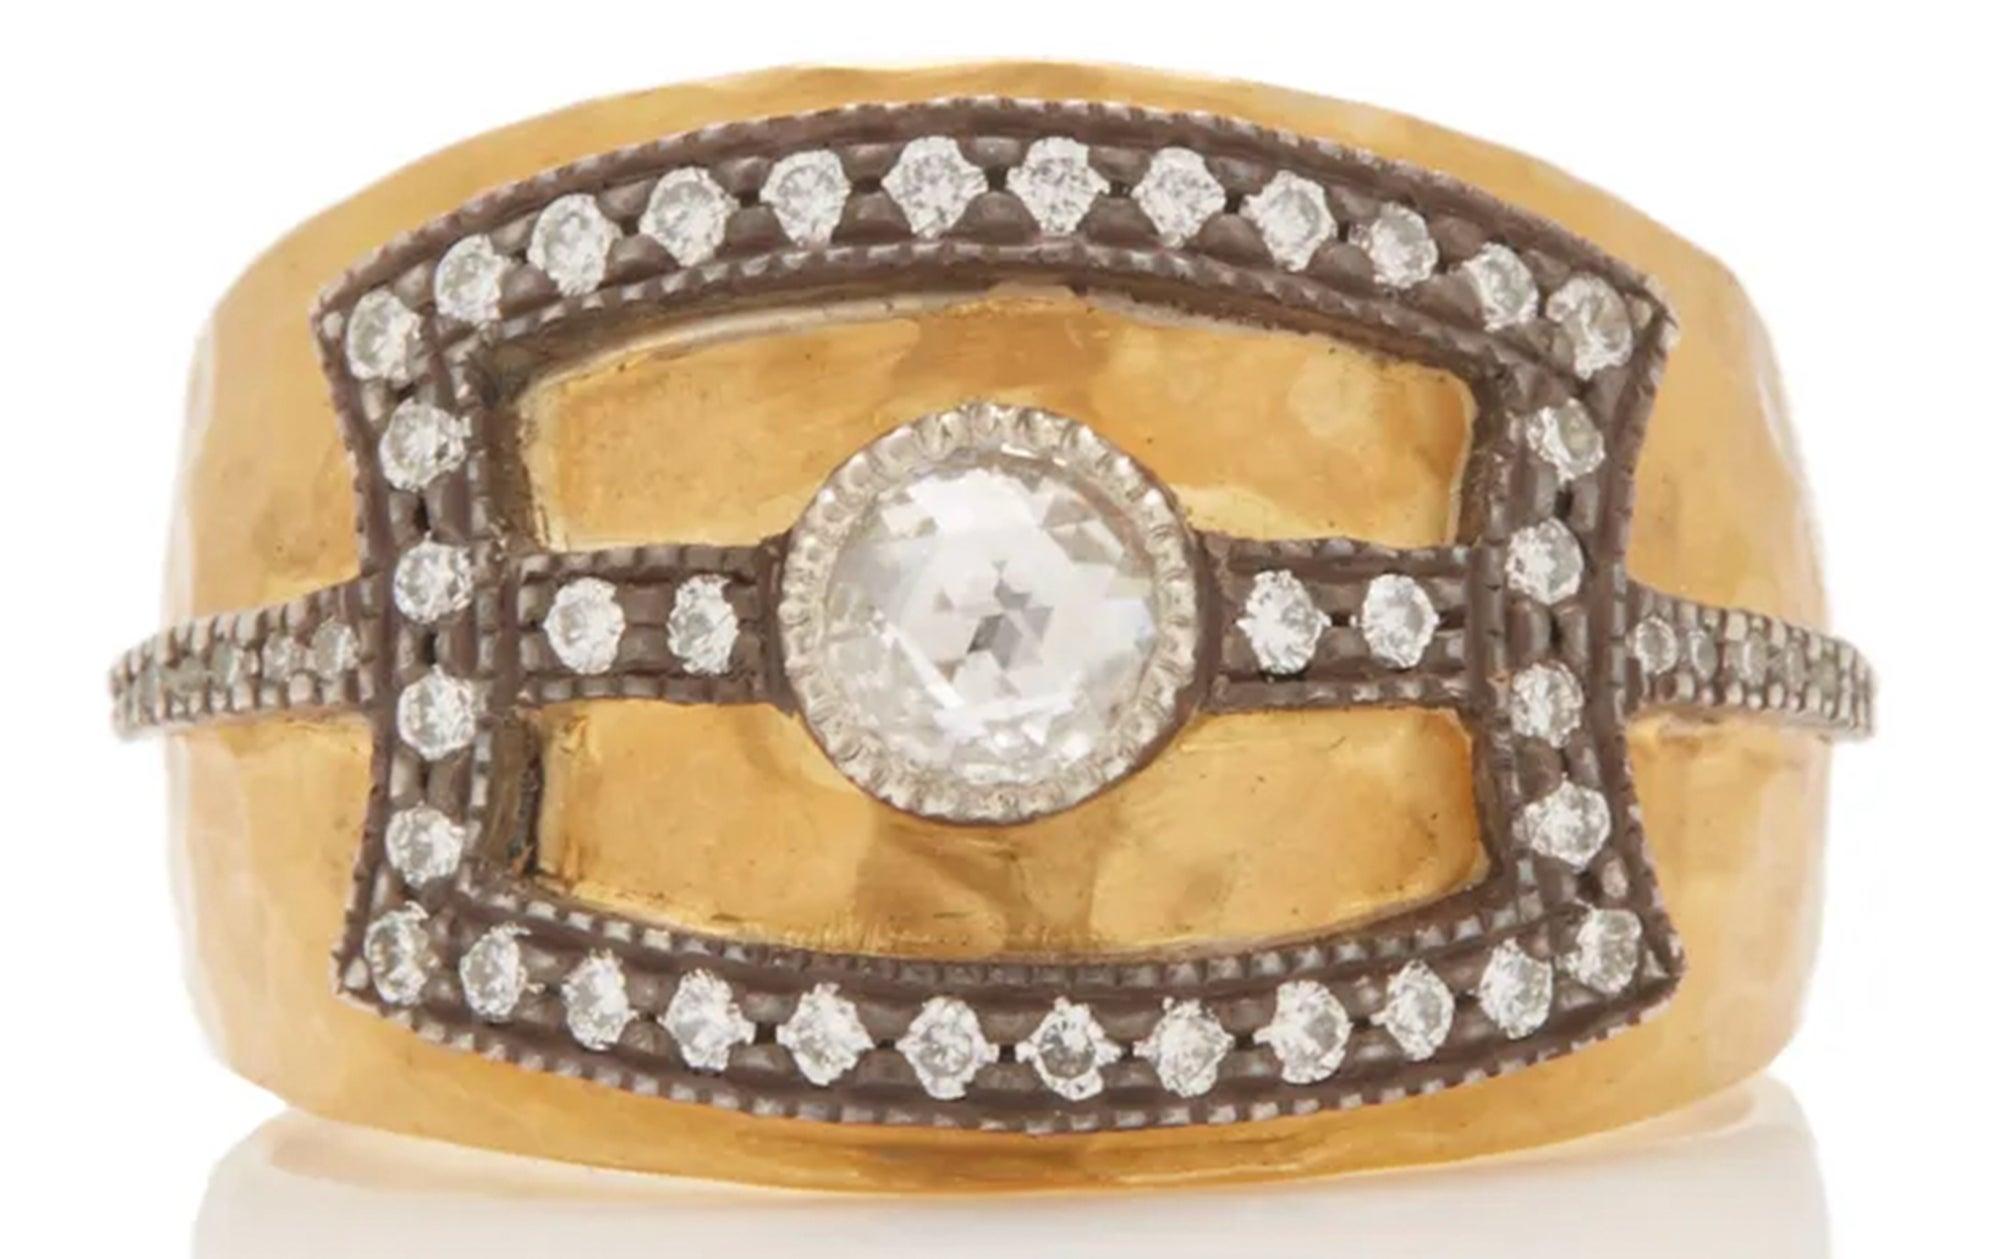 Arman Sarkisyan 22k Gold and Diamond Deco Cigar Band